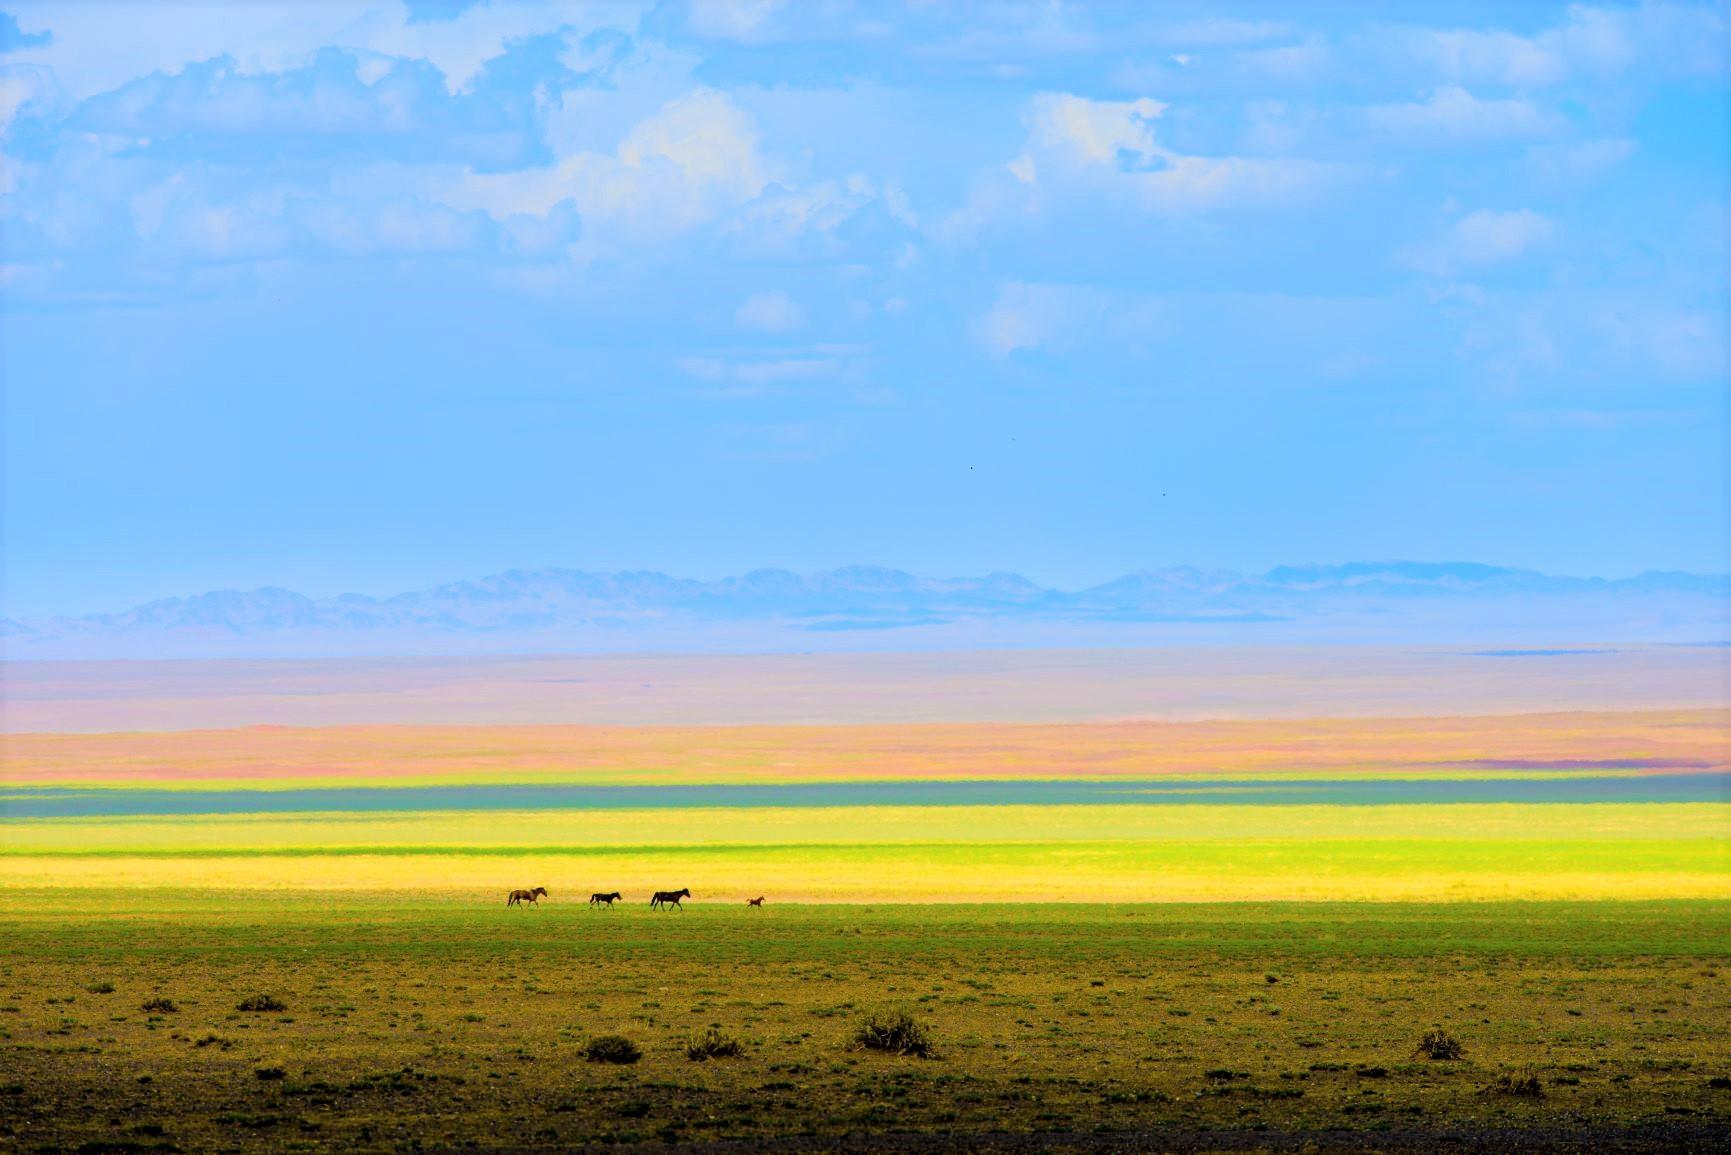 モンゴルの広大な草原を体感する